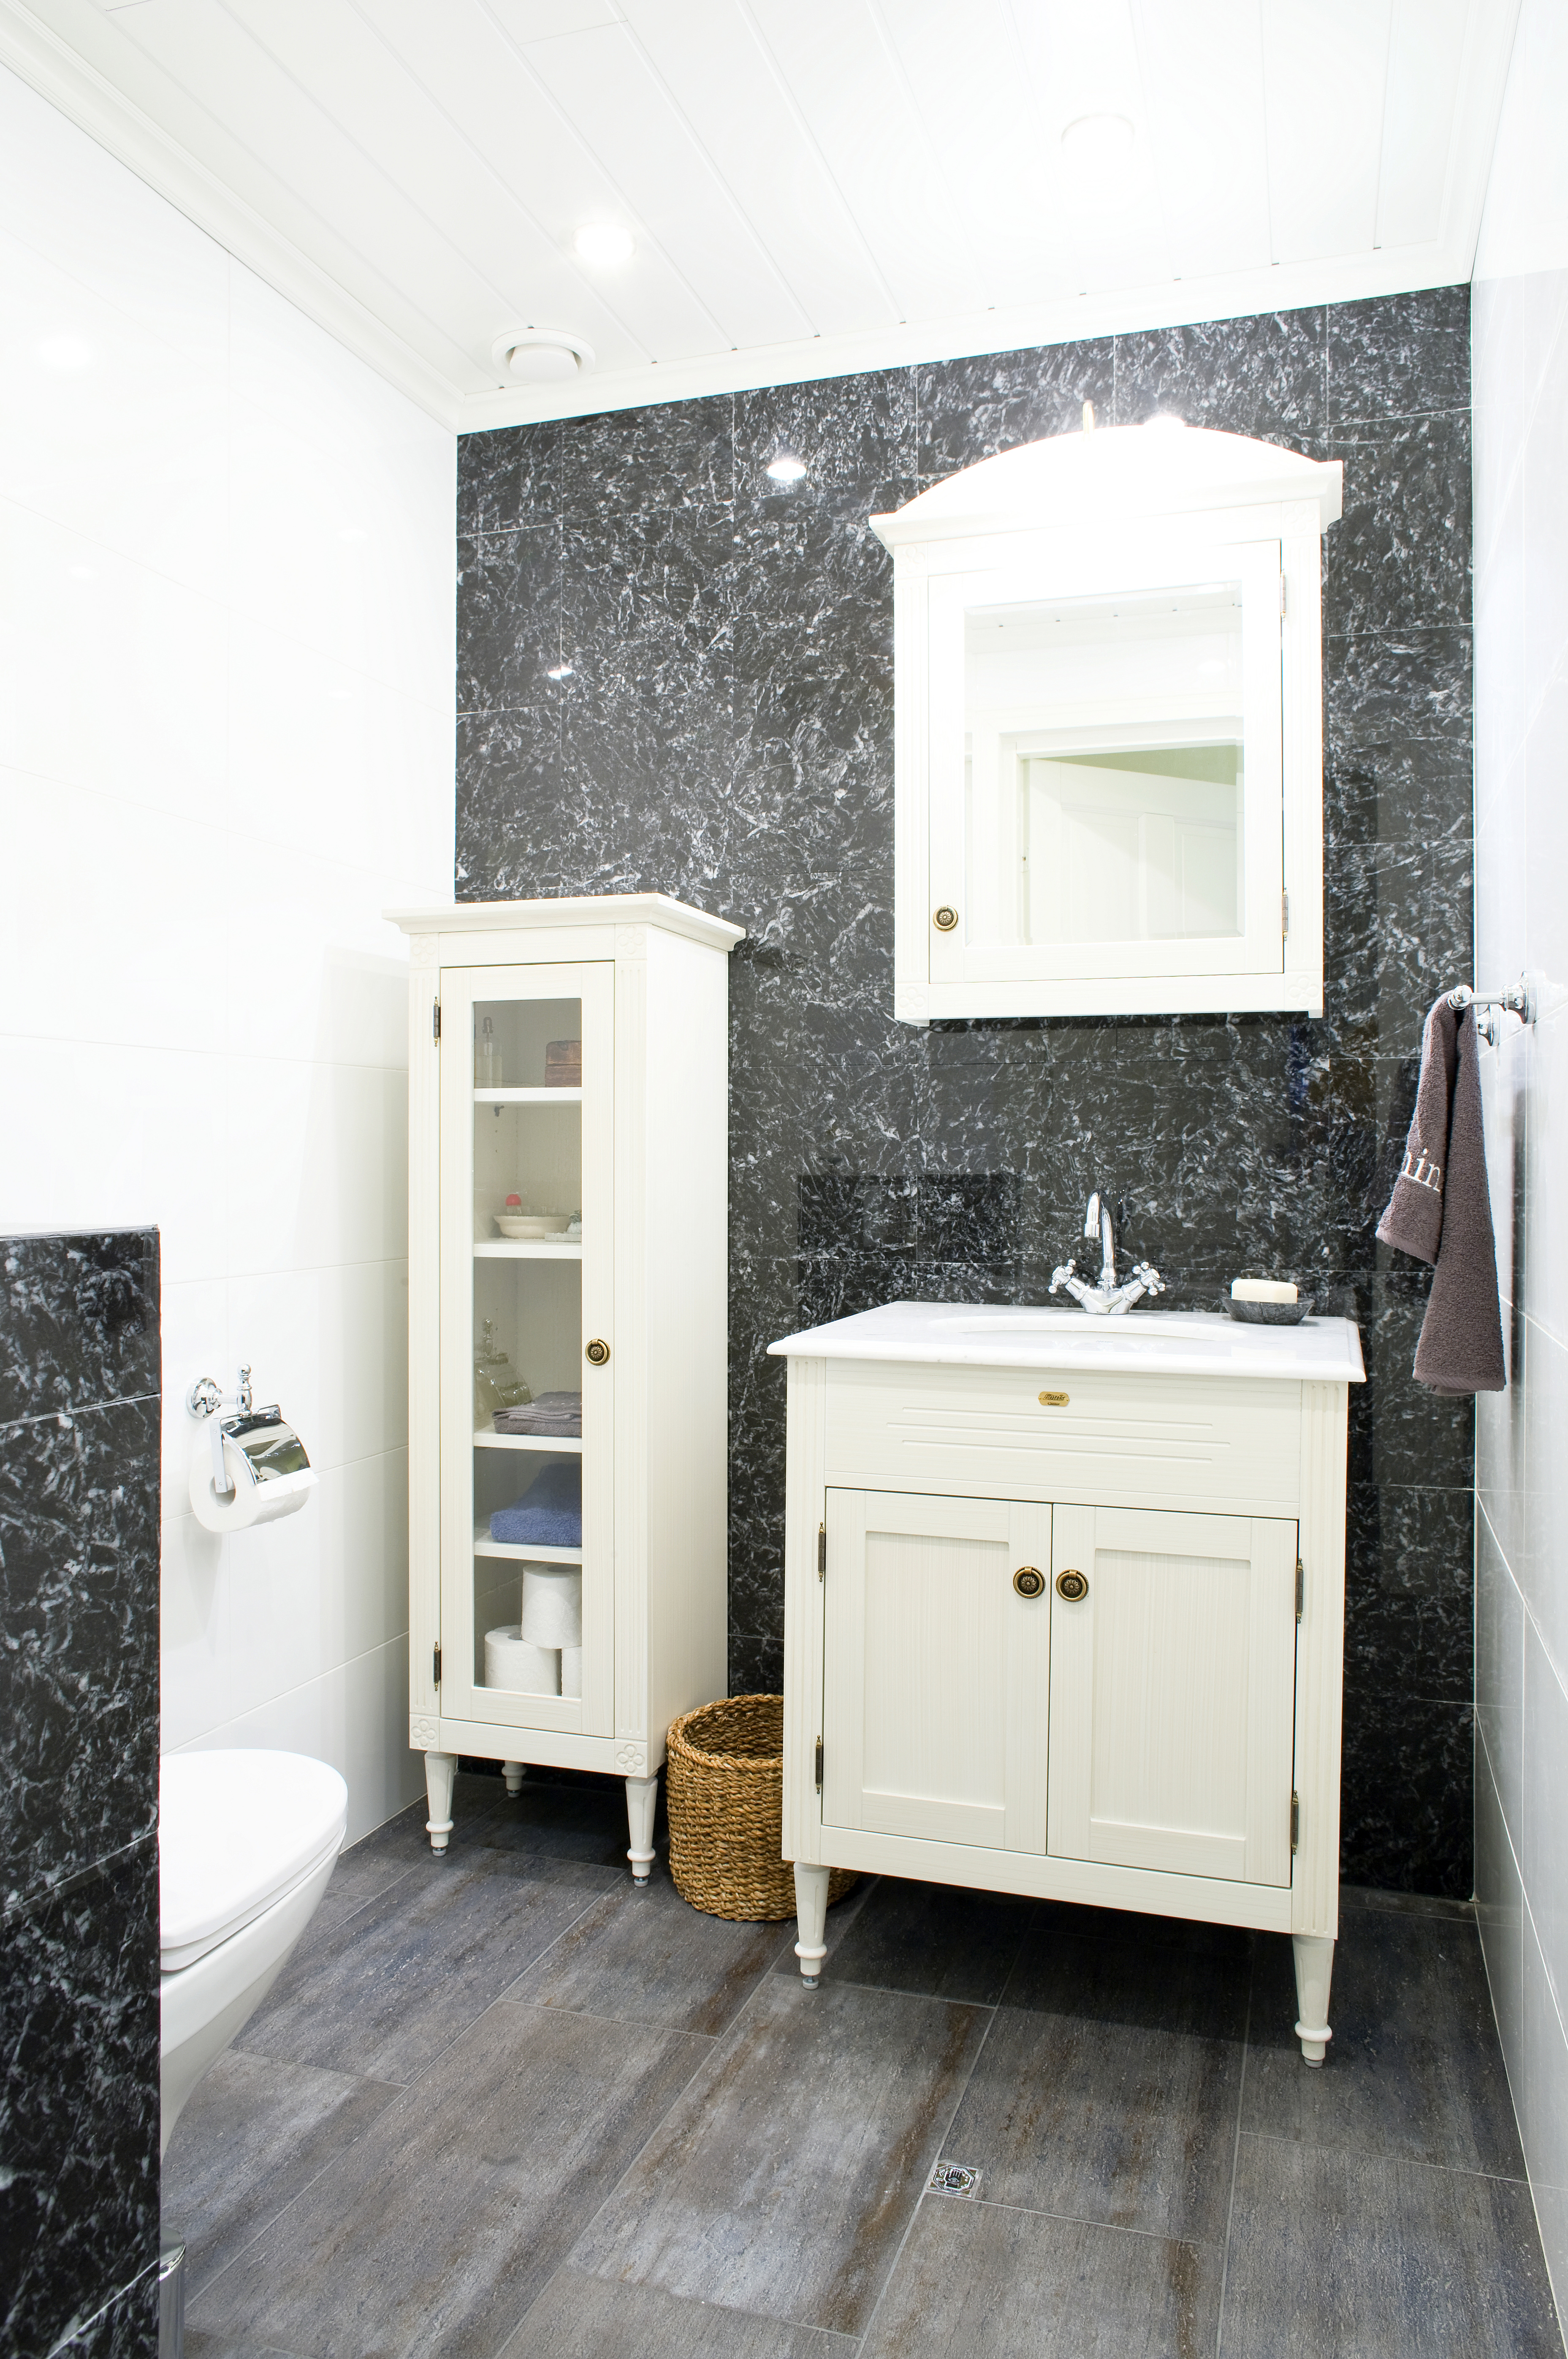 Kuninkaallista tyyliä alakerran wc-tiloihin tuovat Vedumin Louis-sarjan jyhkeät kalusteet. Seinät ovat mustaa marmoria. Talon kaikki laatat ovat Kaakeli Taikureiden mallistosta.